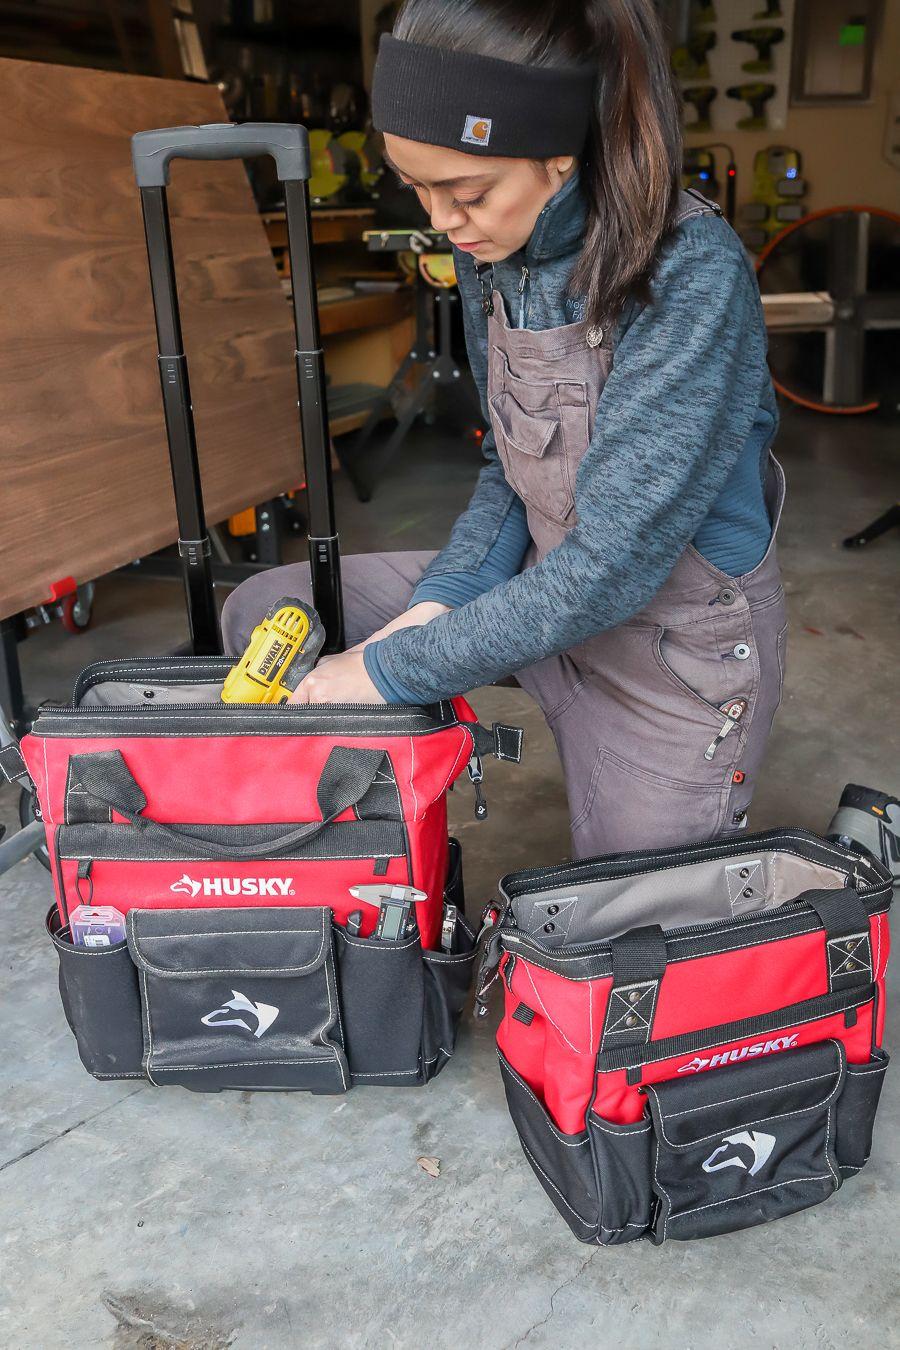 Husky Rolling Tool Bag Review Tool Bag Husky Tool Bag Canvas Tool Bag